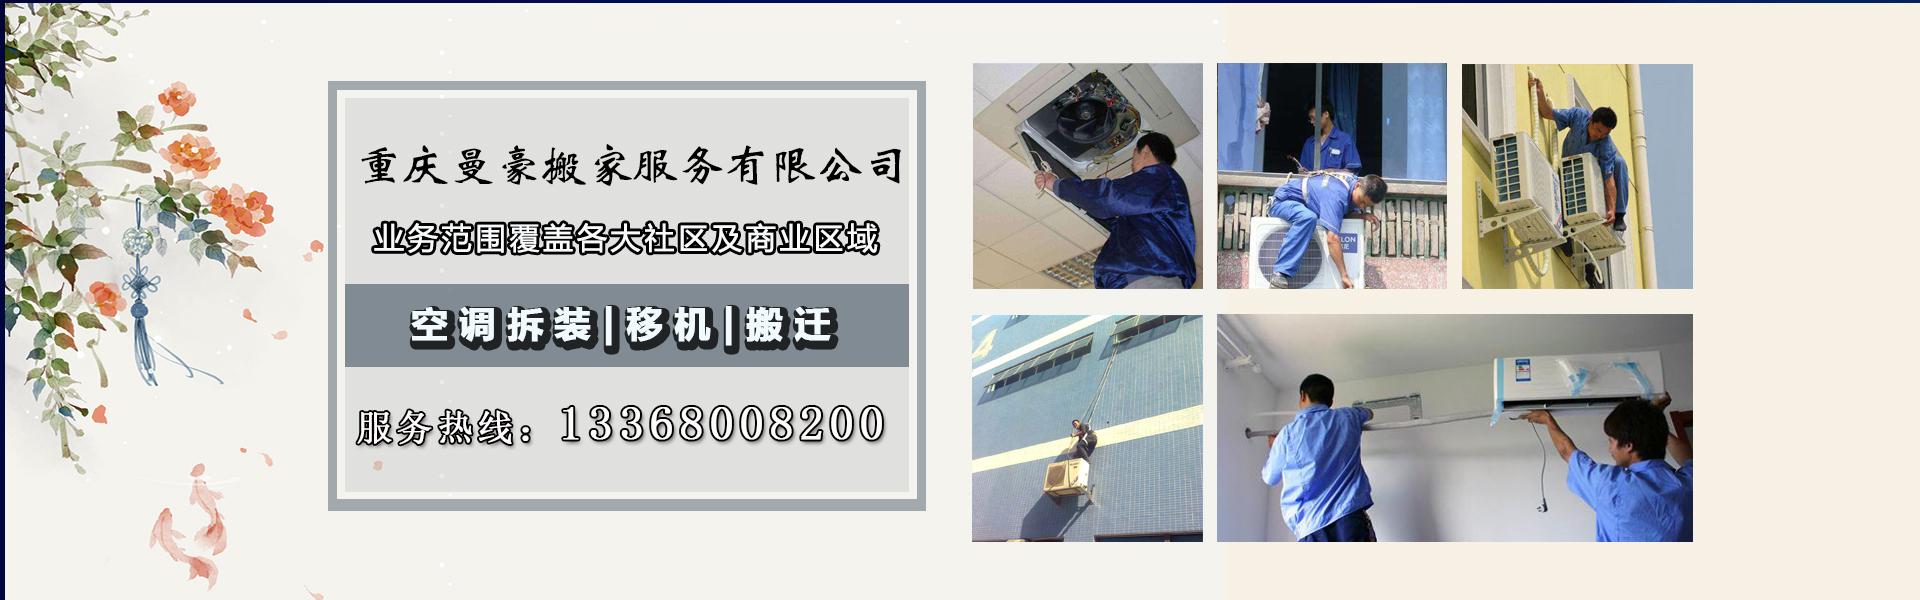 重庆空调移机/搬迁,业务范围覆盖各大社区及商业区域